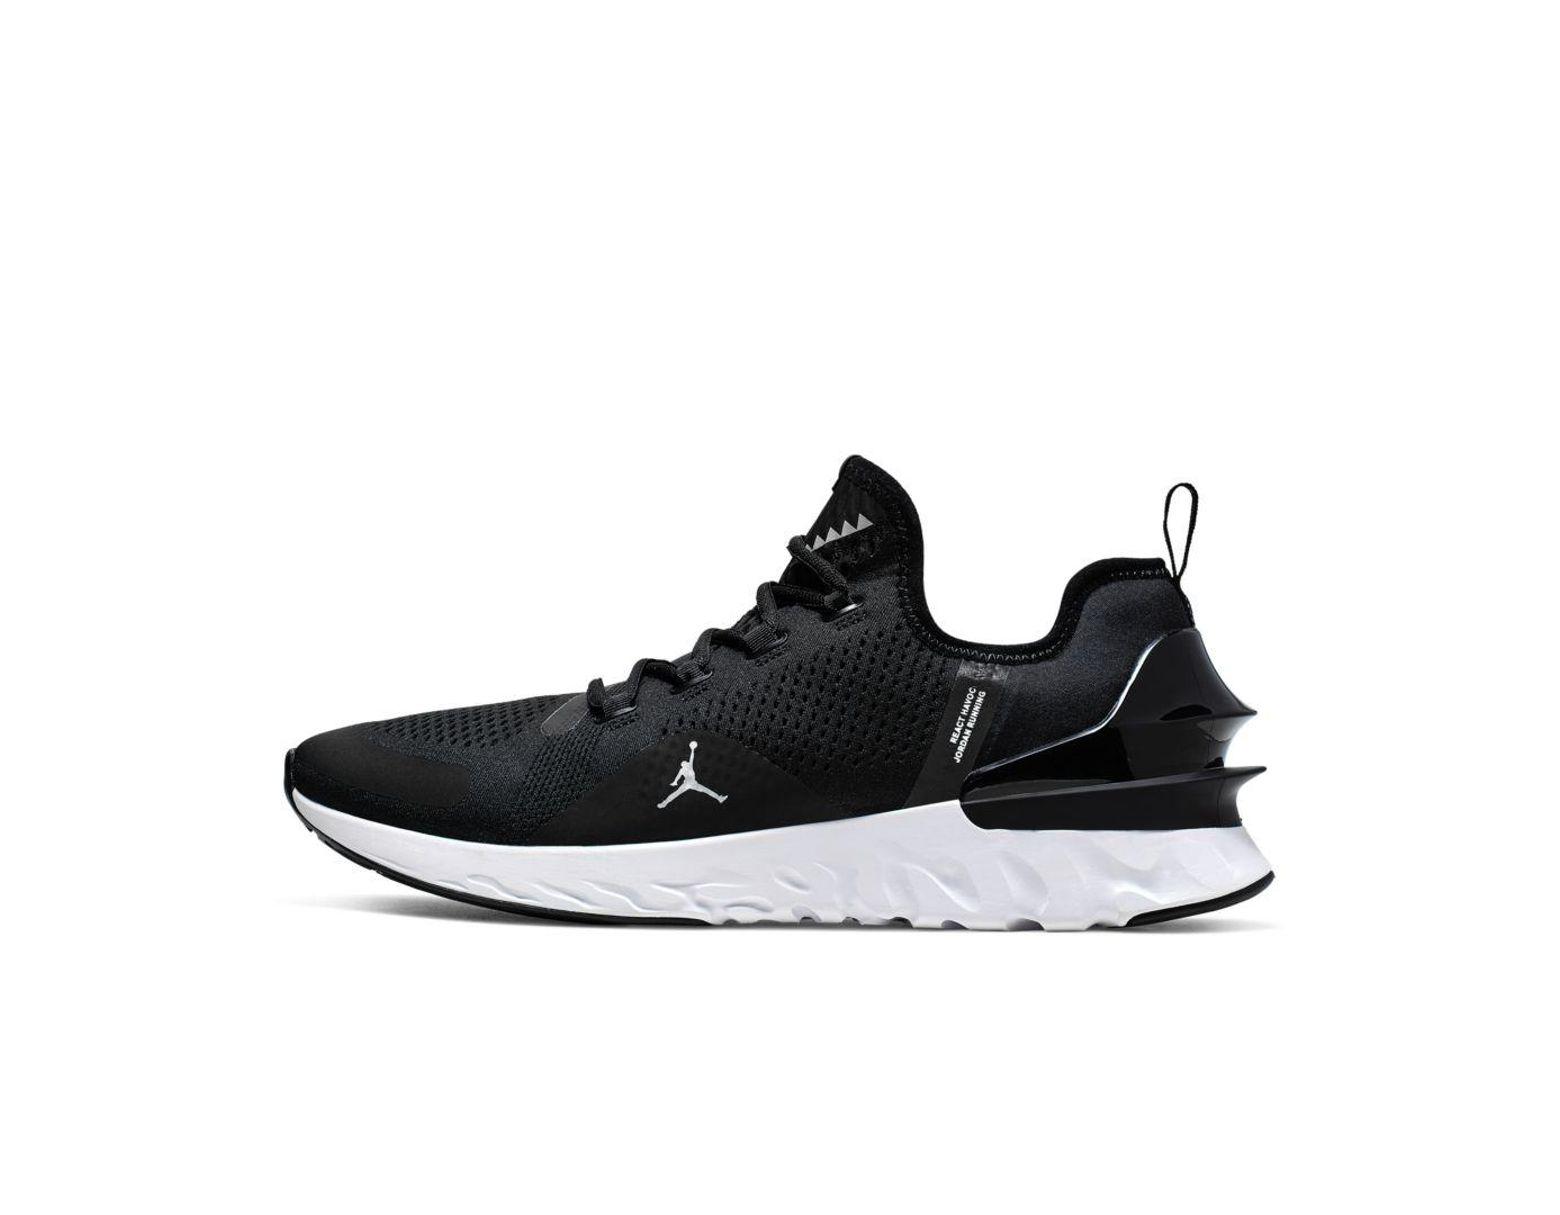 6fc001a97f Men's Black Jordan React Havoc Training Shoe